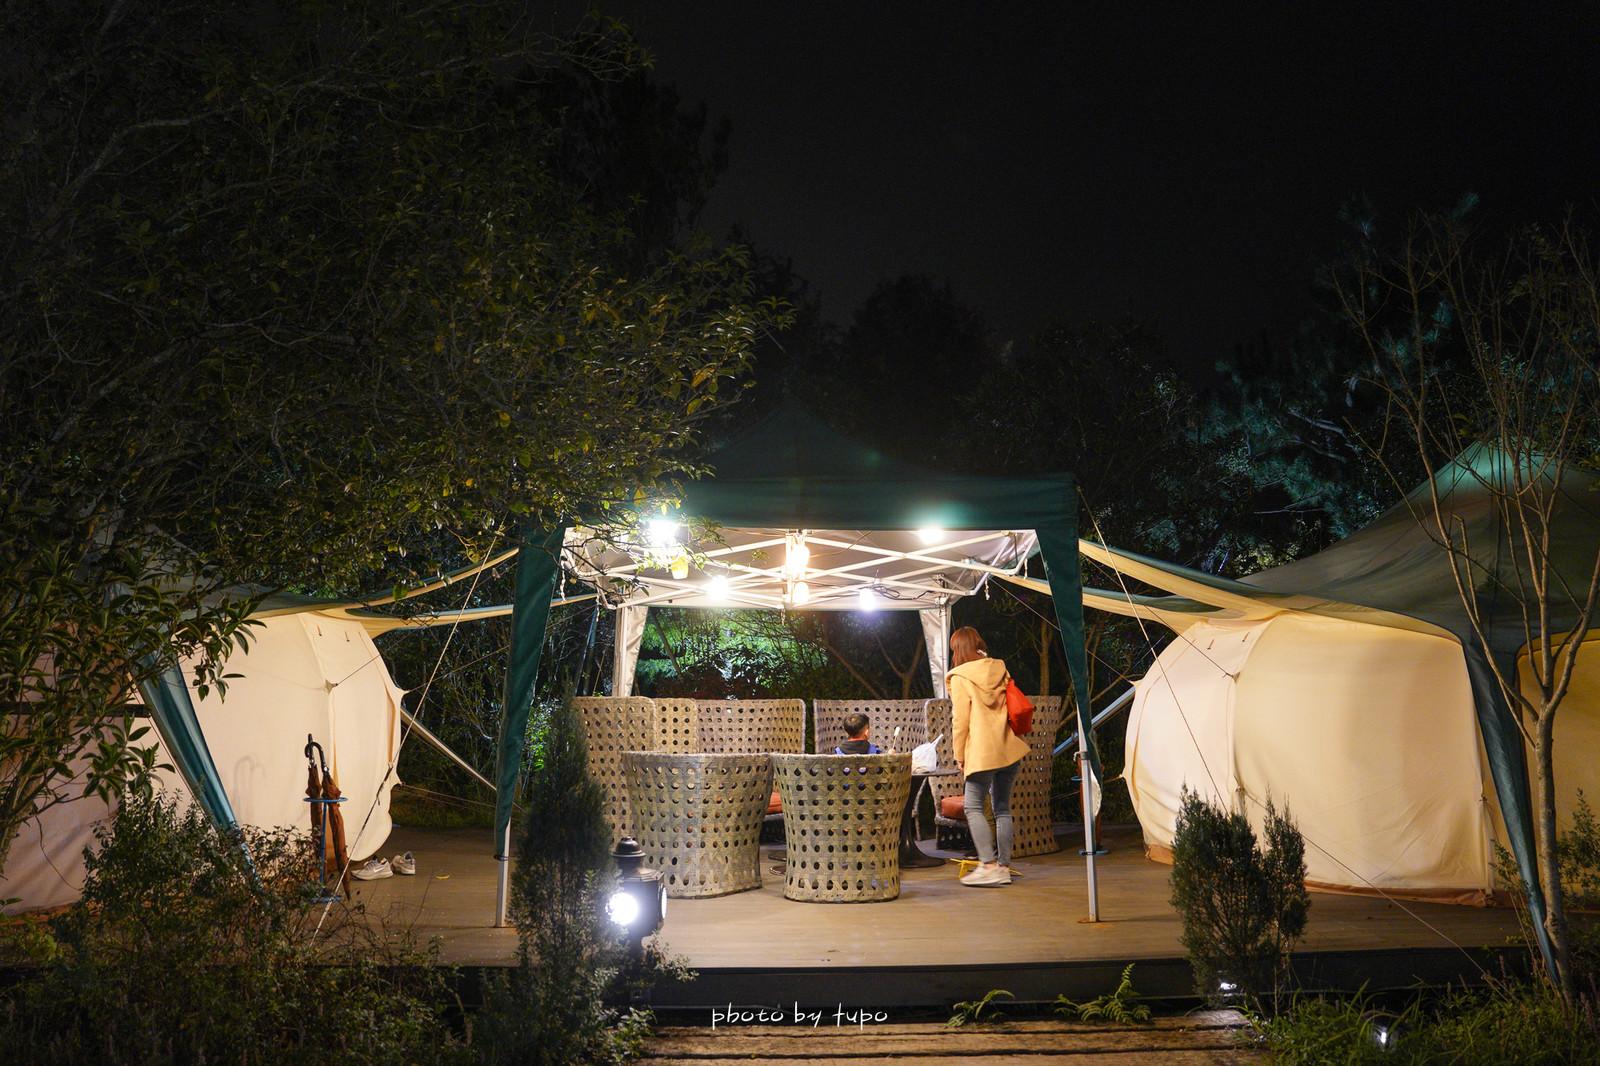 苗栗卓蘭》寨酌然野奢庄園|五星級奢華露營|一泊二食.超美露營區.兩個DIY.採果|~烤棉花糖,從入住玩到退房